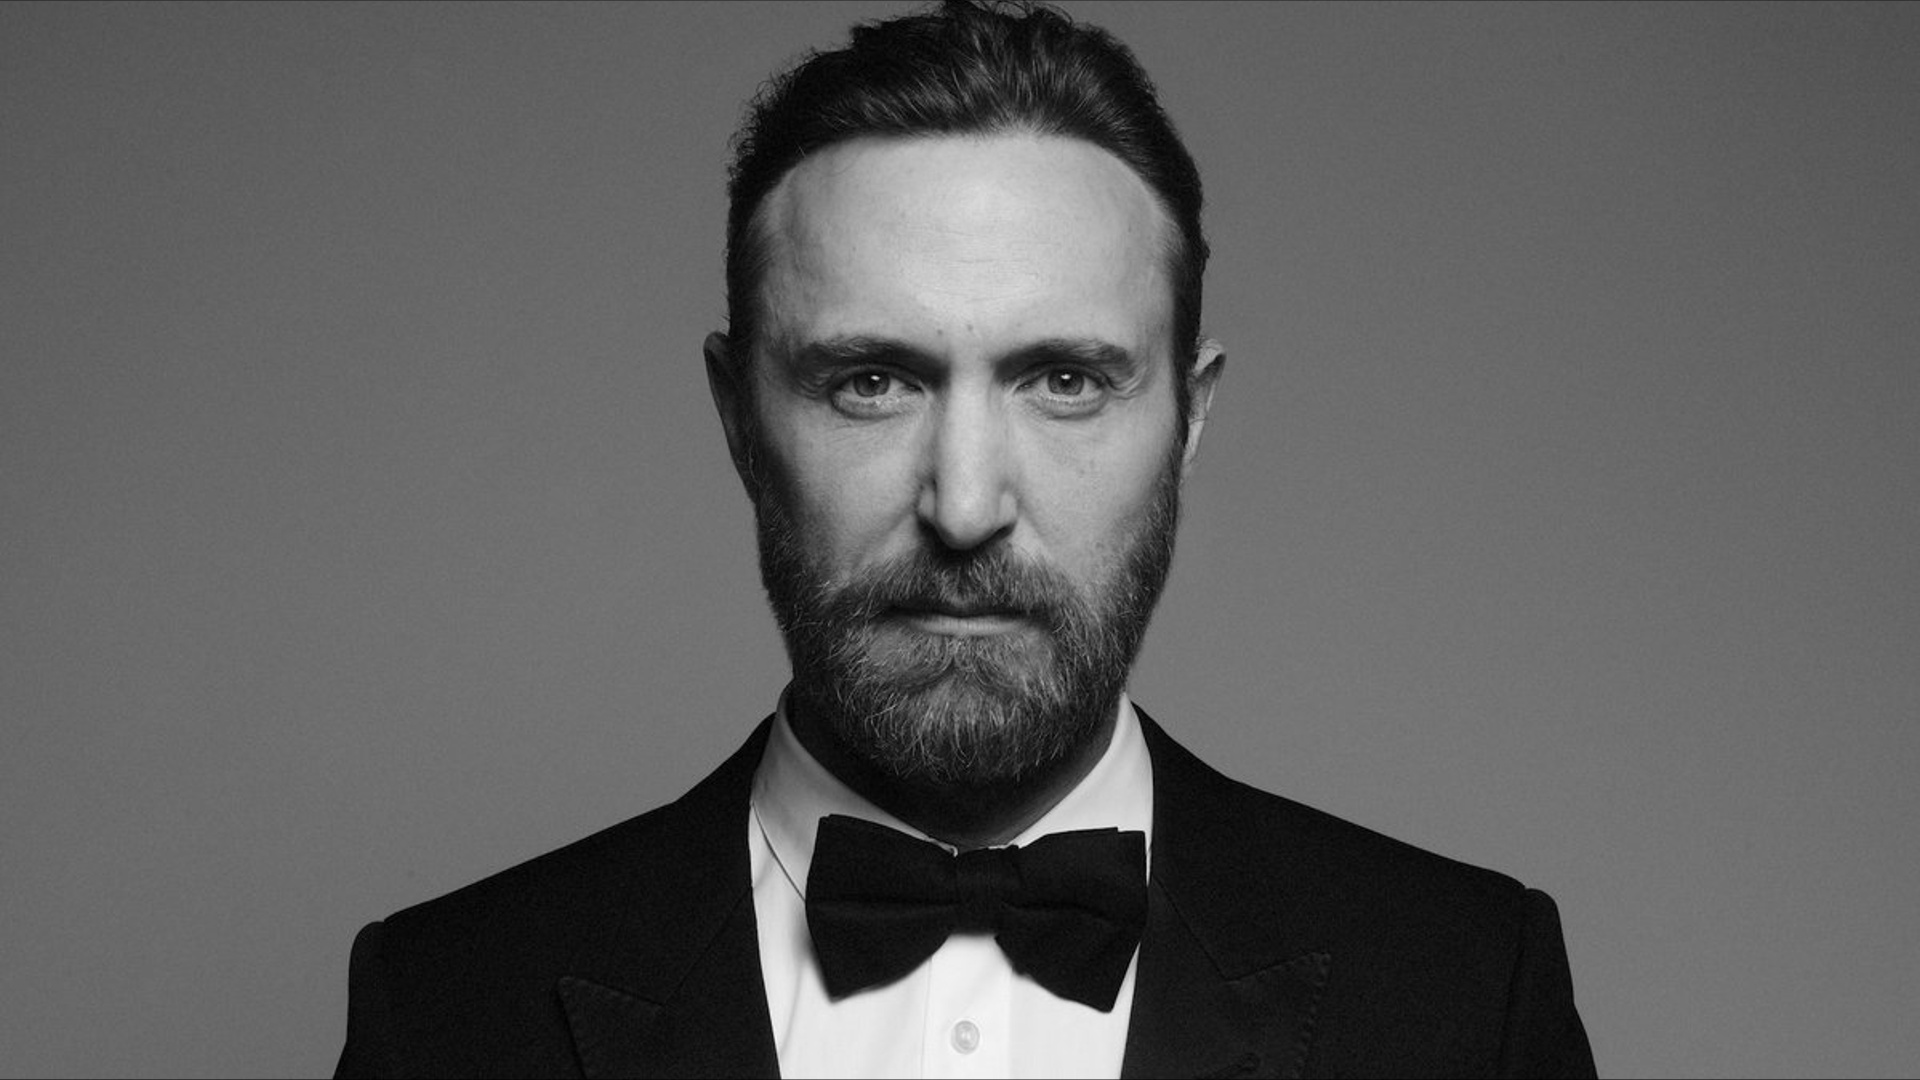 David Guetta announces new album '7': Listen   DJMag.com